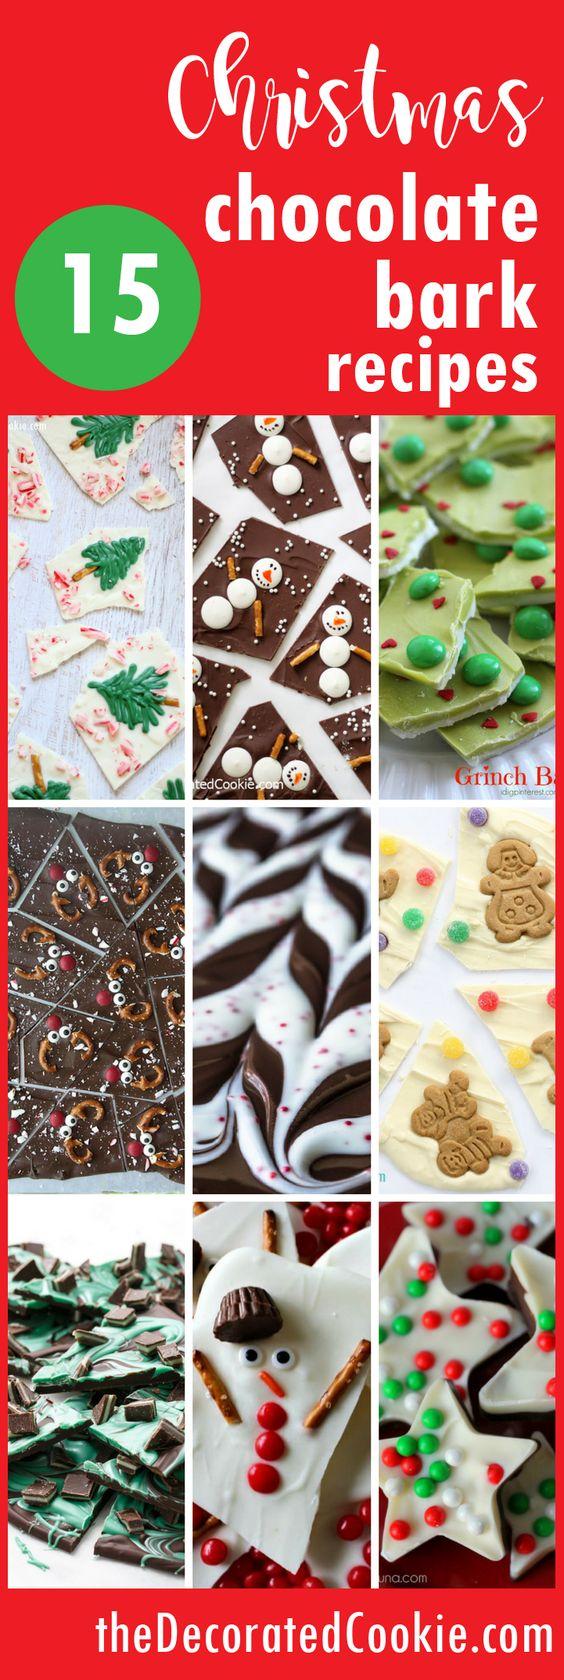 easy chocolate bark ideas for Christmas, great homemade gift idea